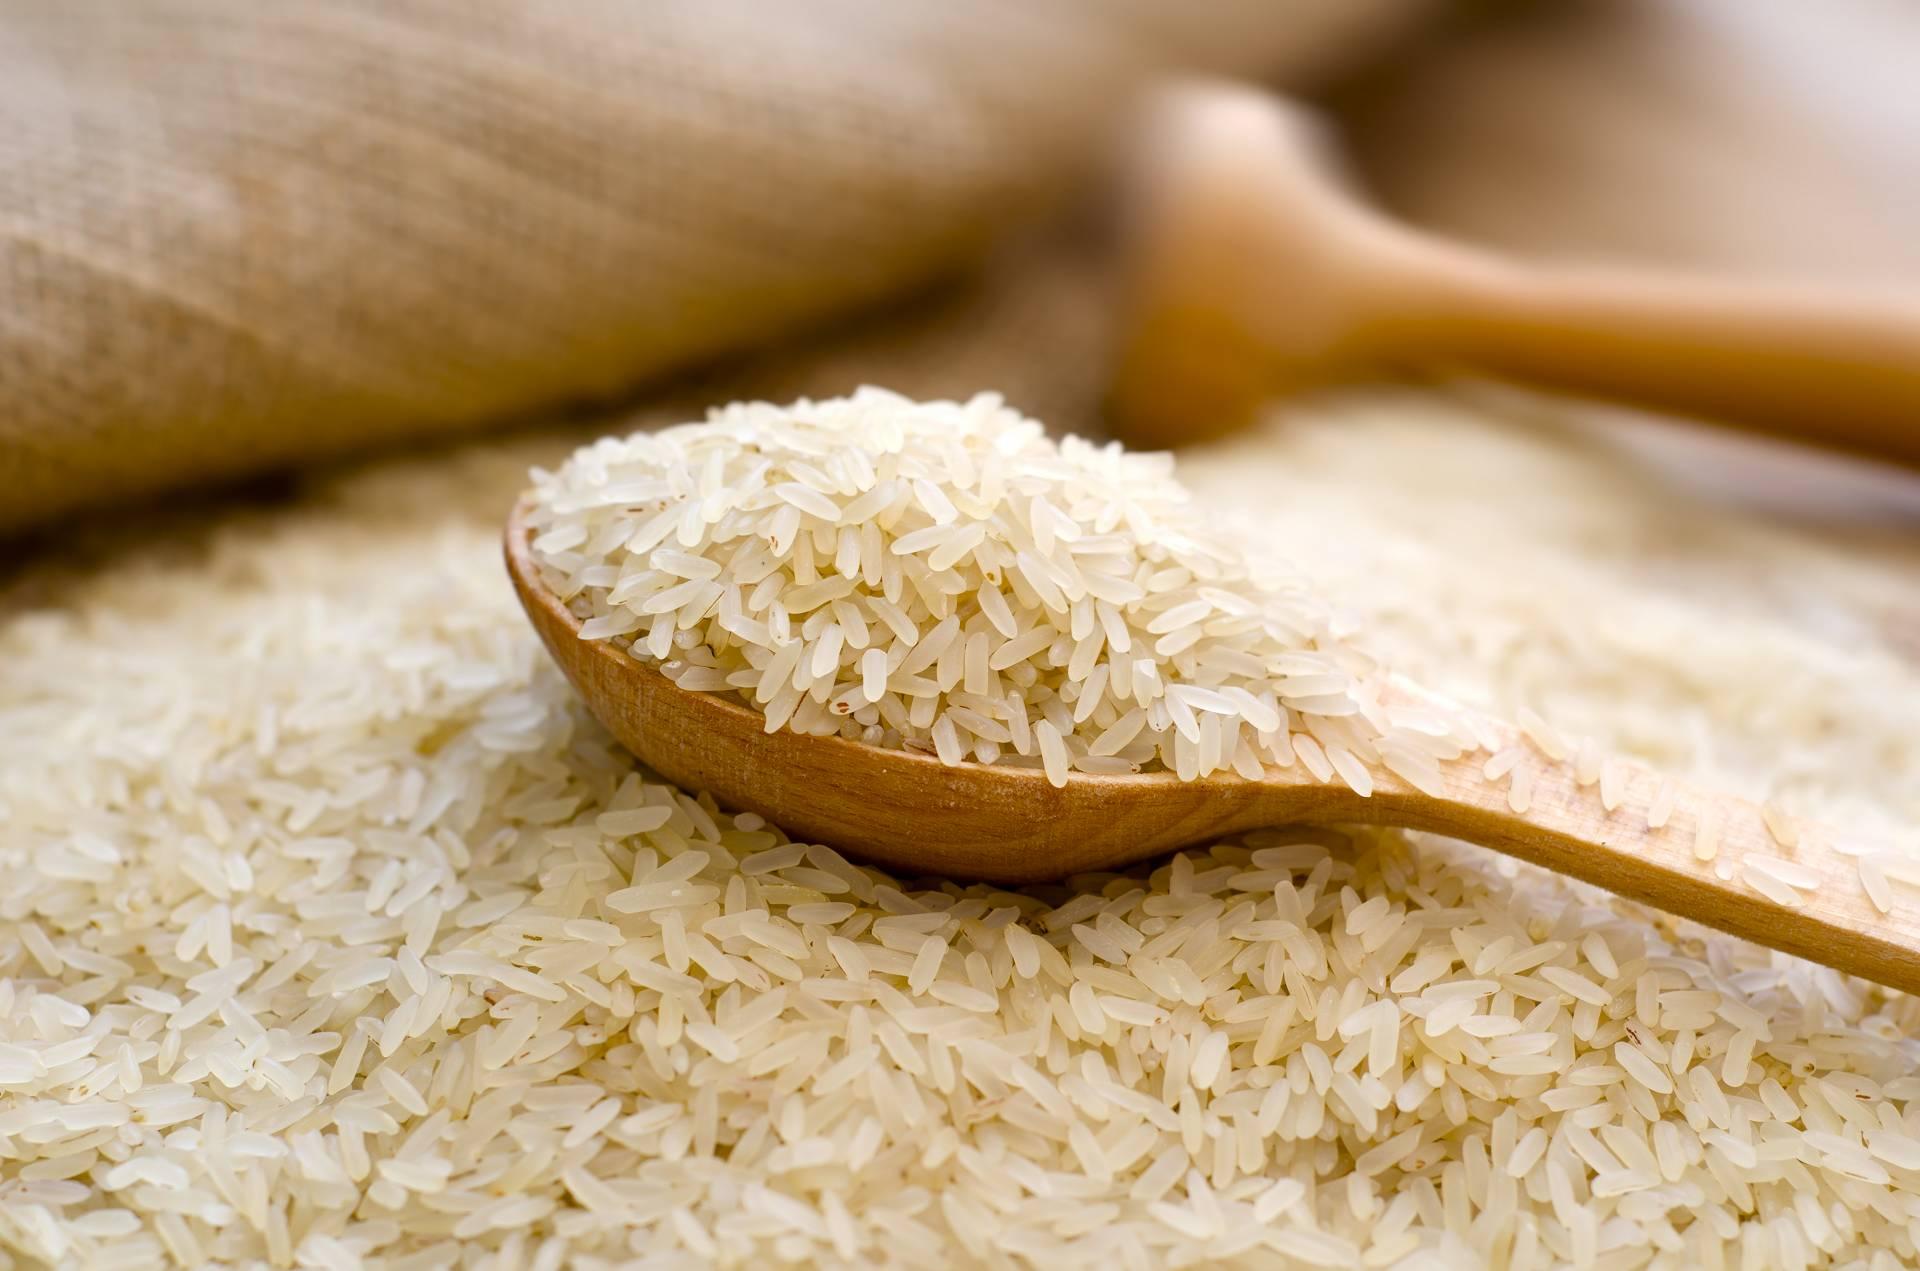 Schwermetallbelastung in Reis: Welche Zubereitungsmethode reduziert den Arsen-Gehalt am effektivsten?